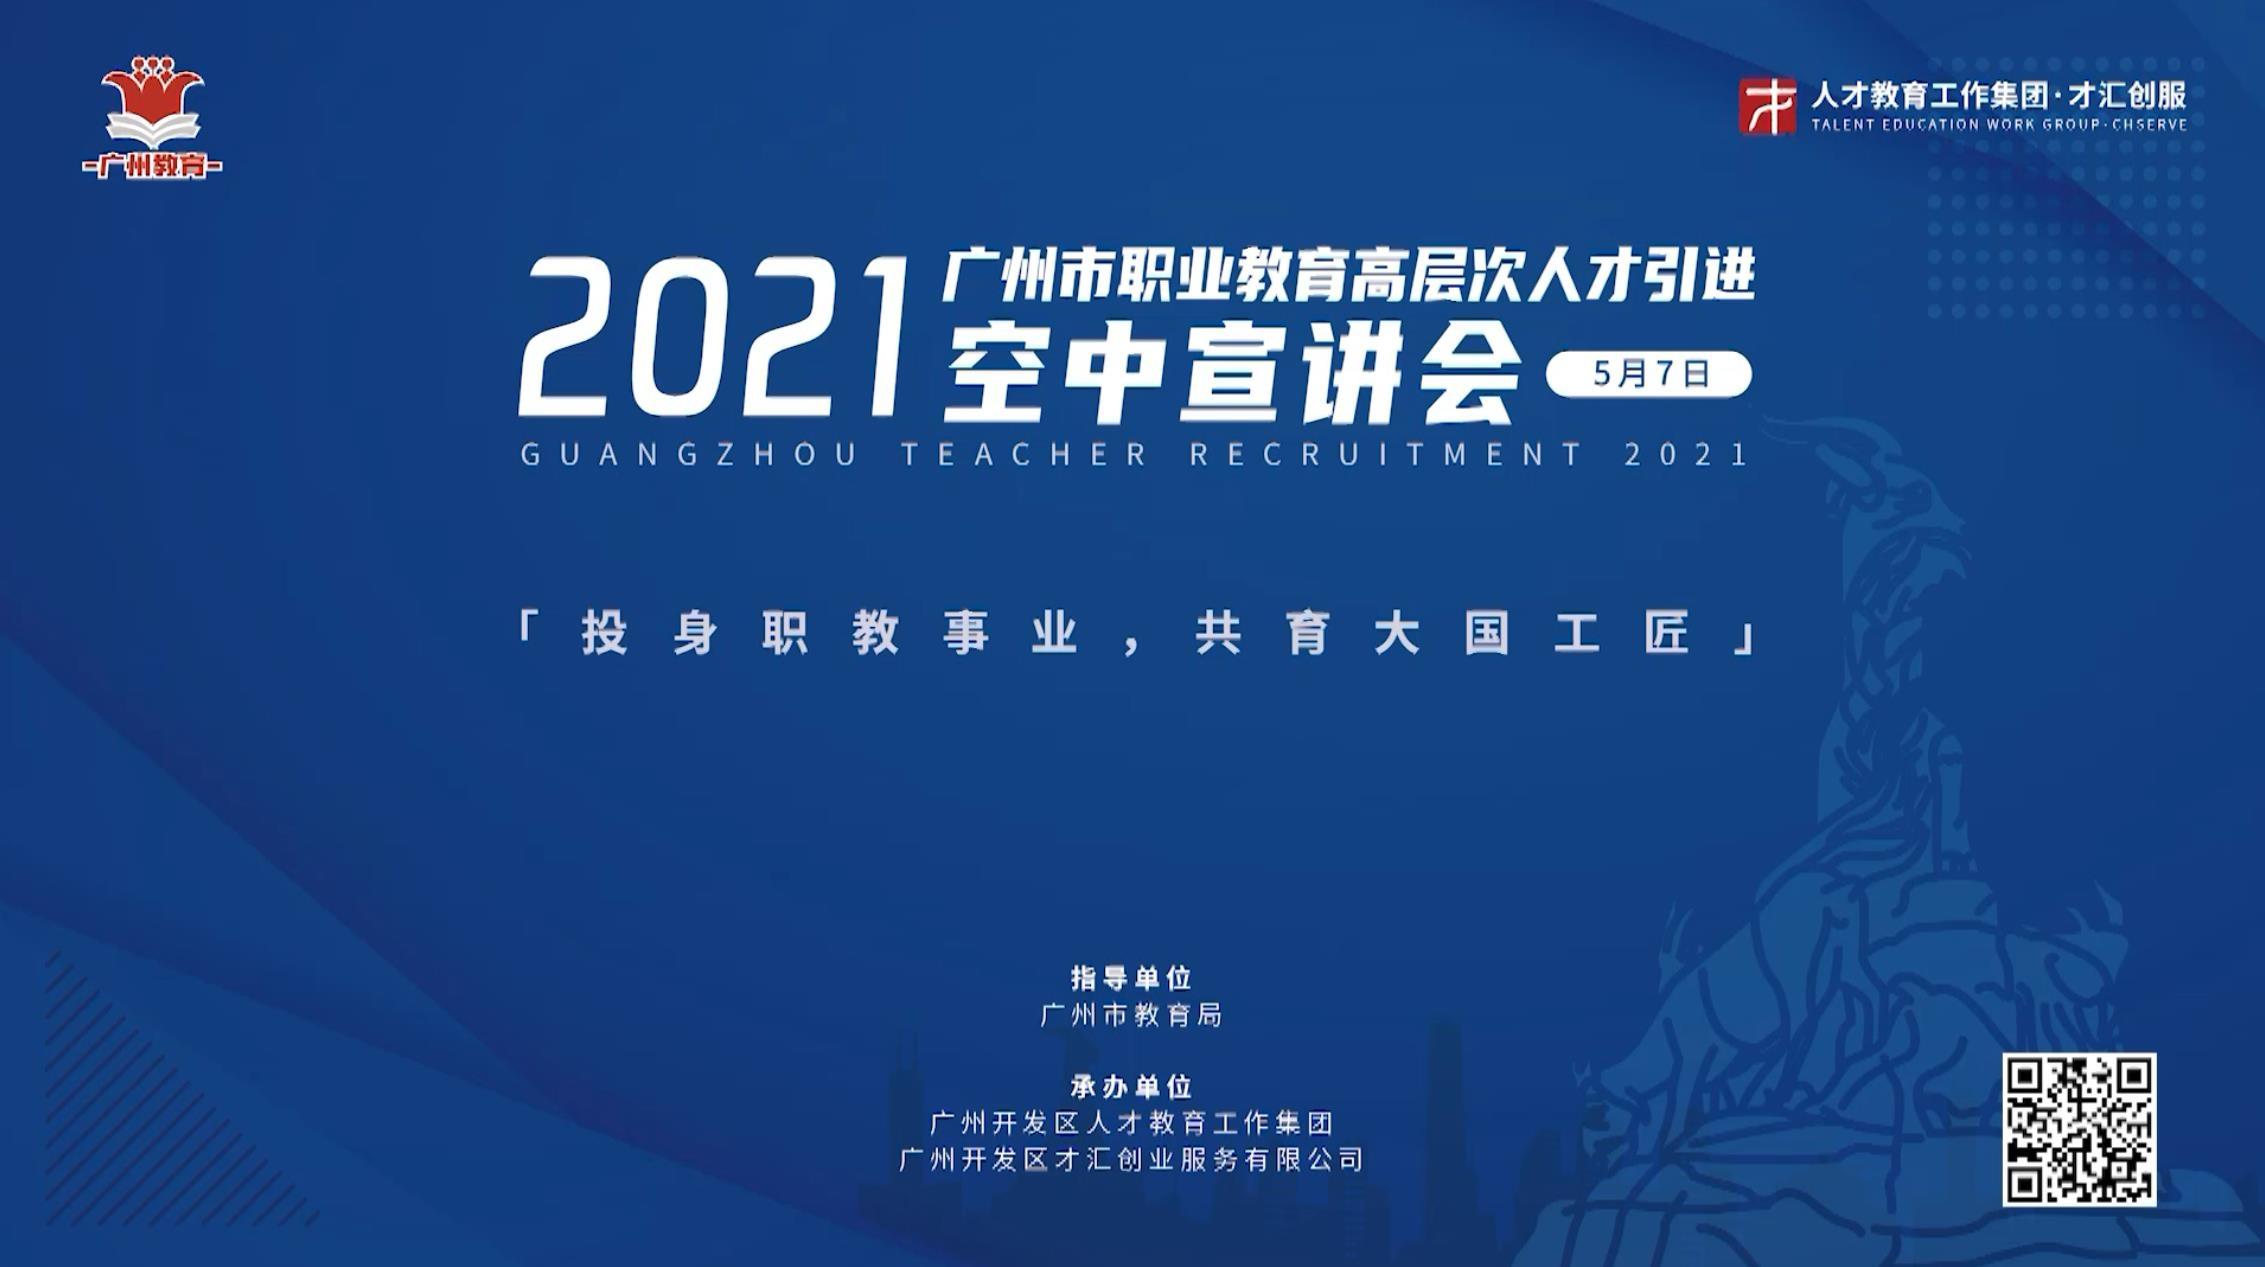 职业教育前途广阔,大有可为!广州职业教育